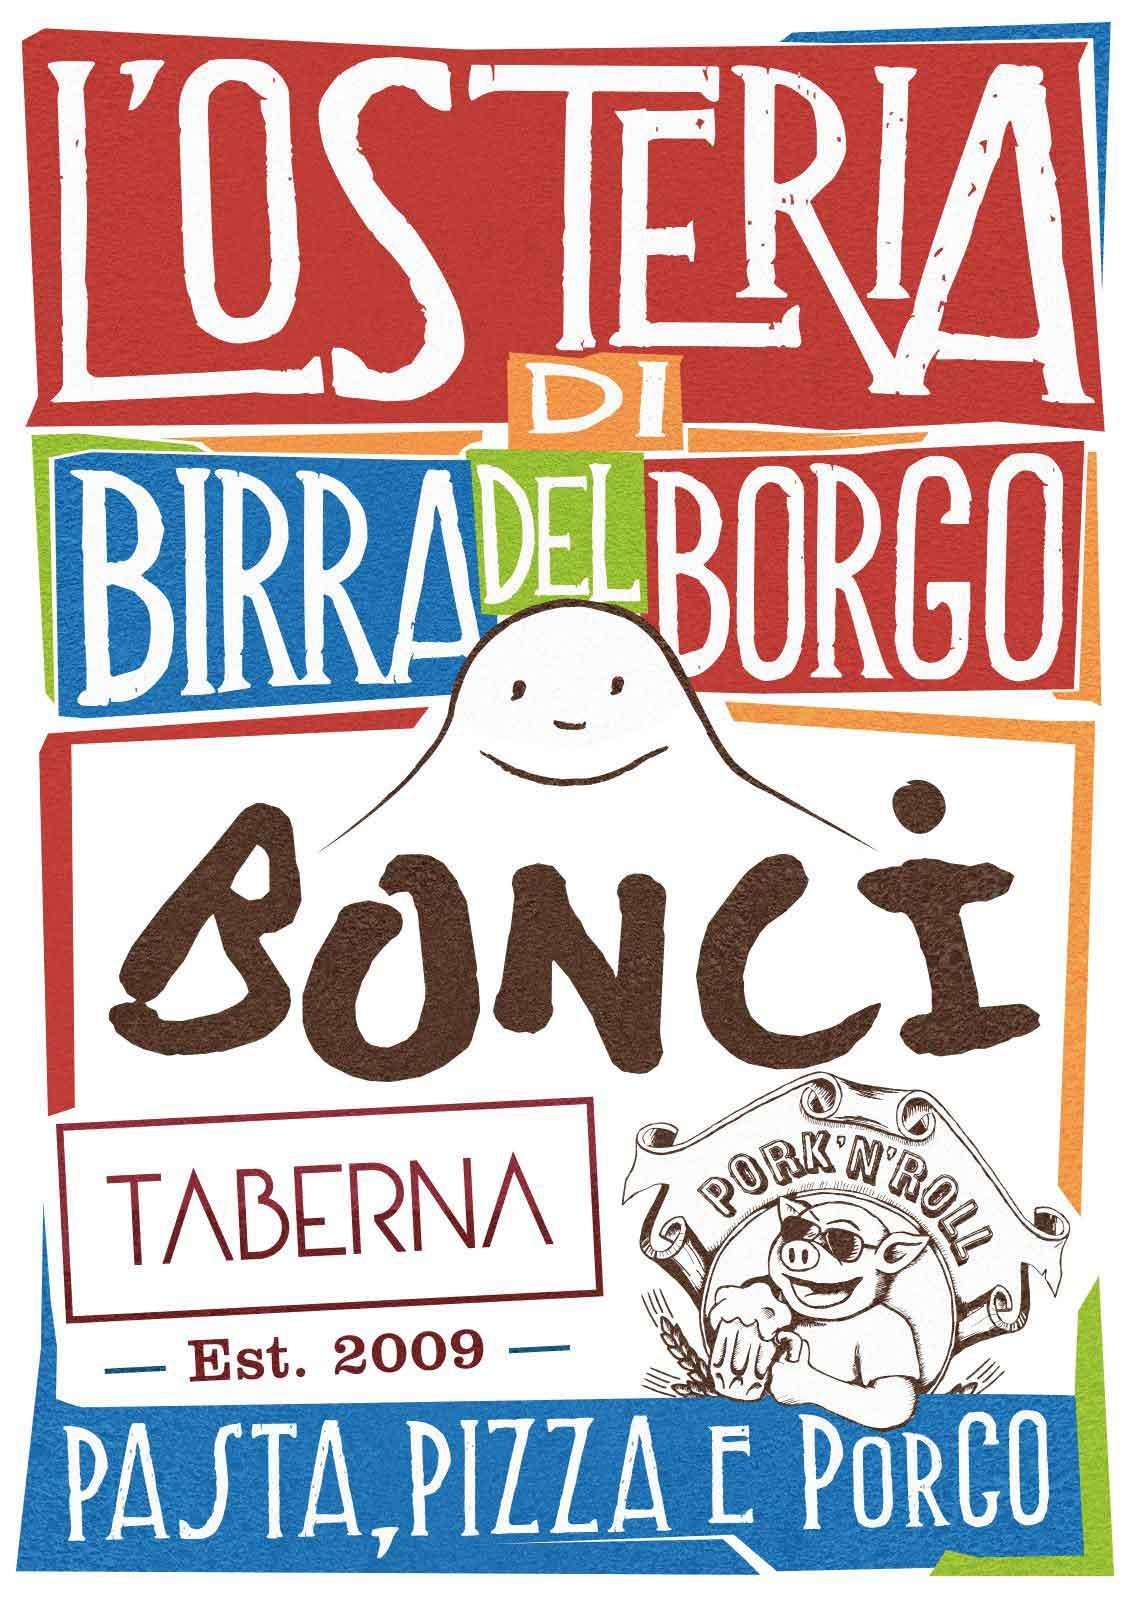 birra del borgo day 2016